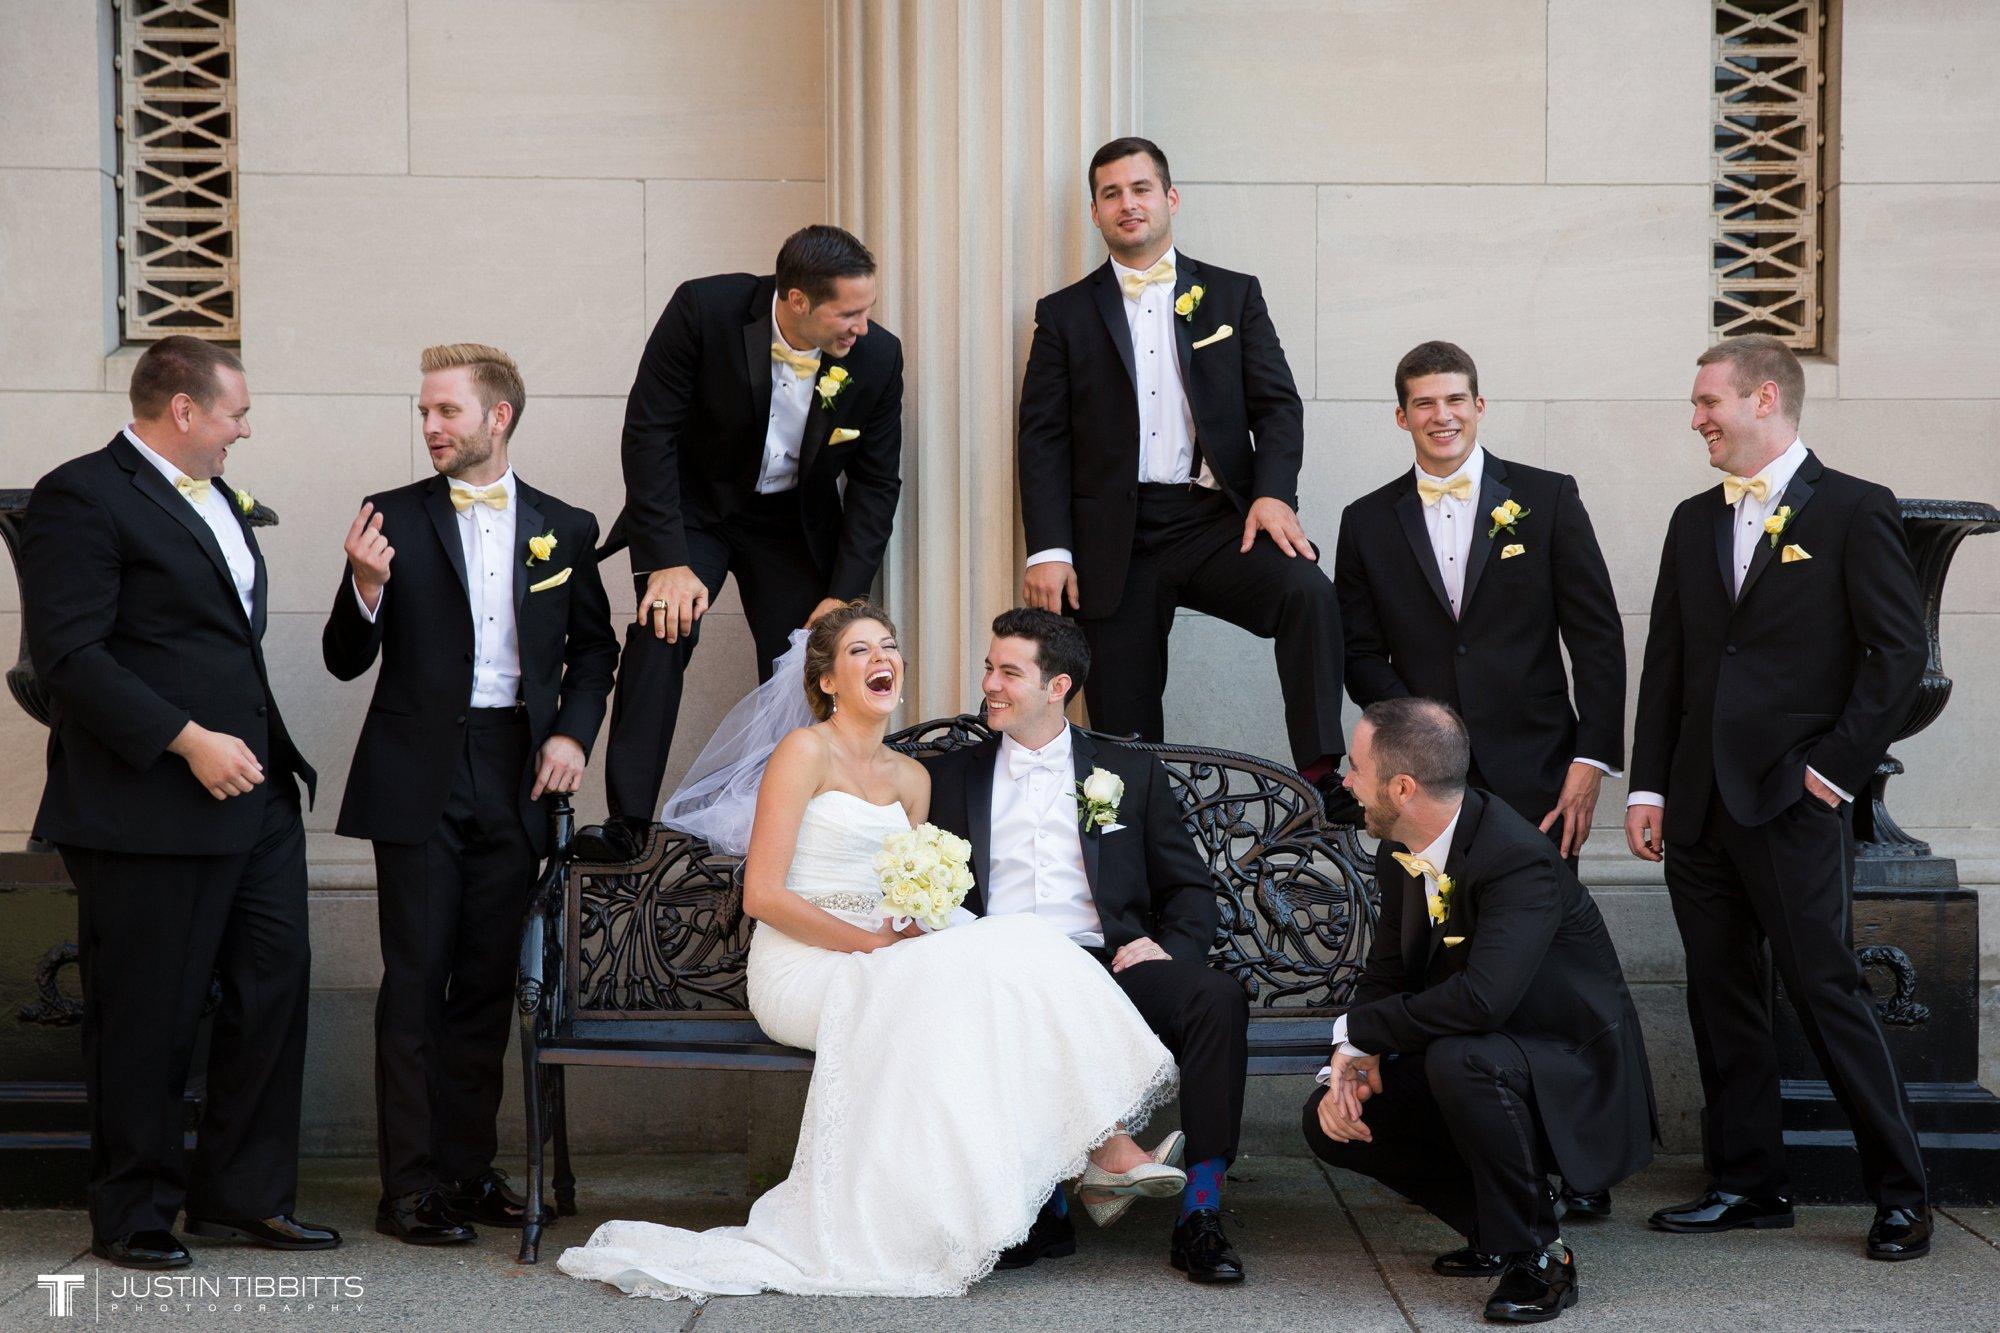 Albany NY Wedding Photographer Justin Tibbitts Photography 2014 Best of Albany NY Weddings-2493617